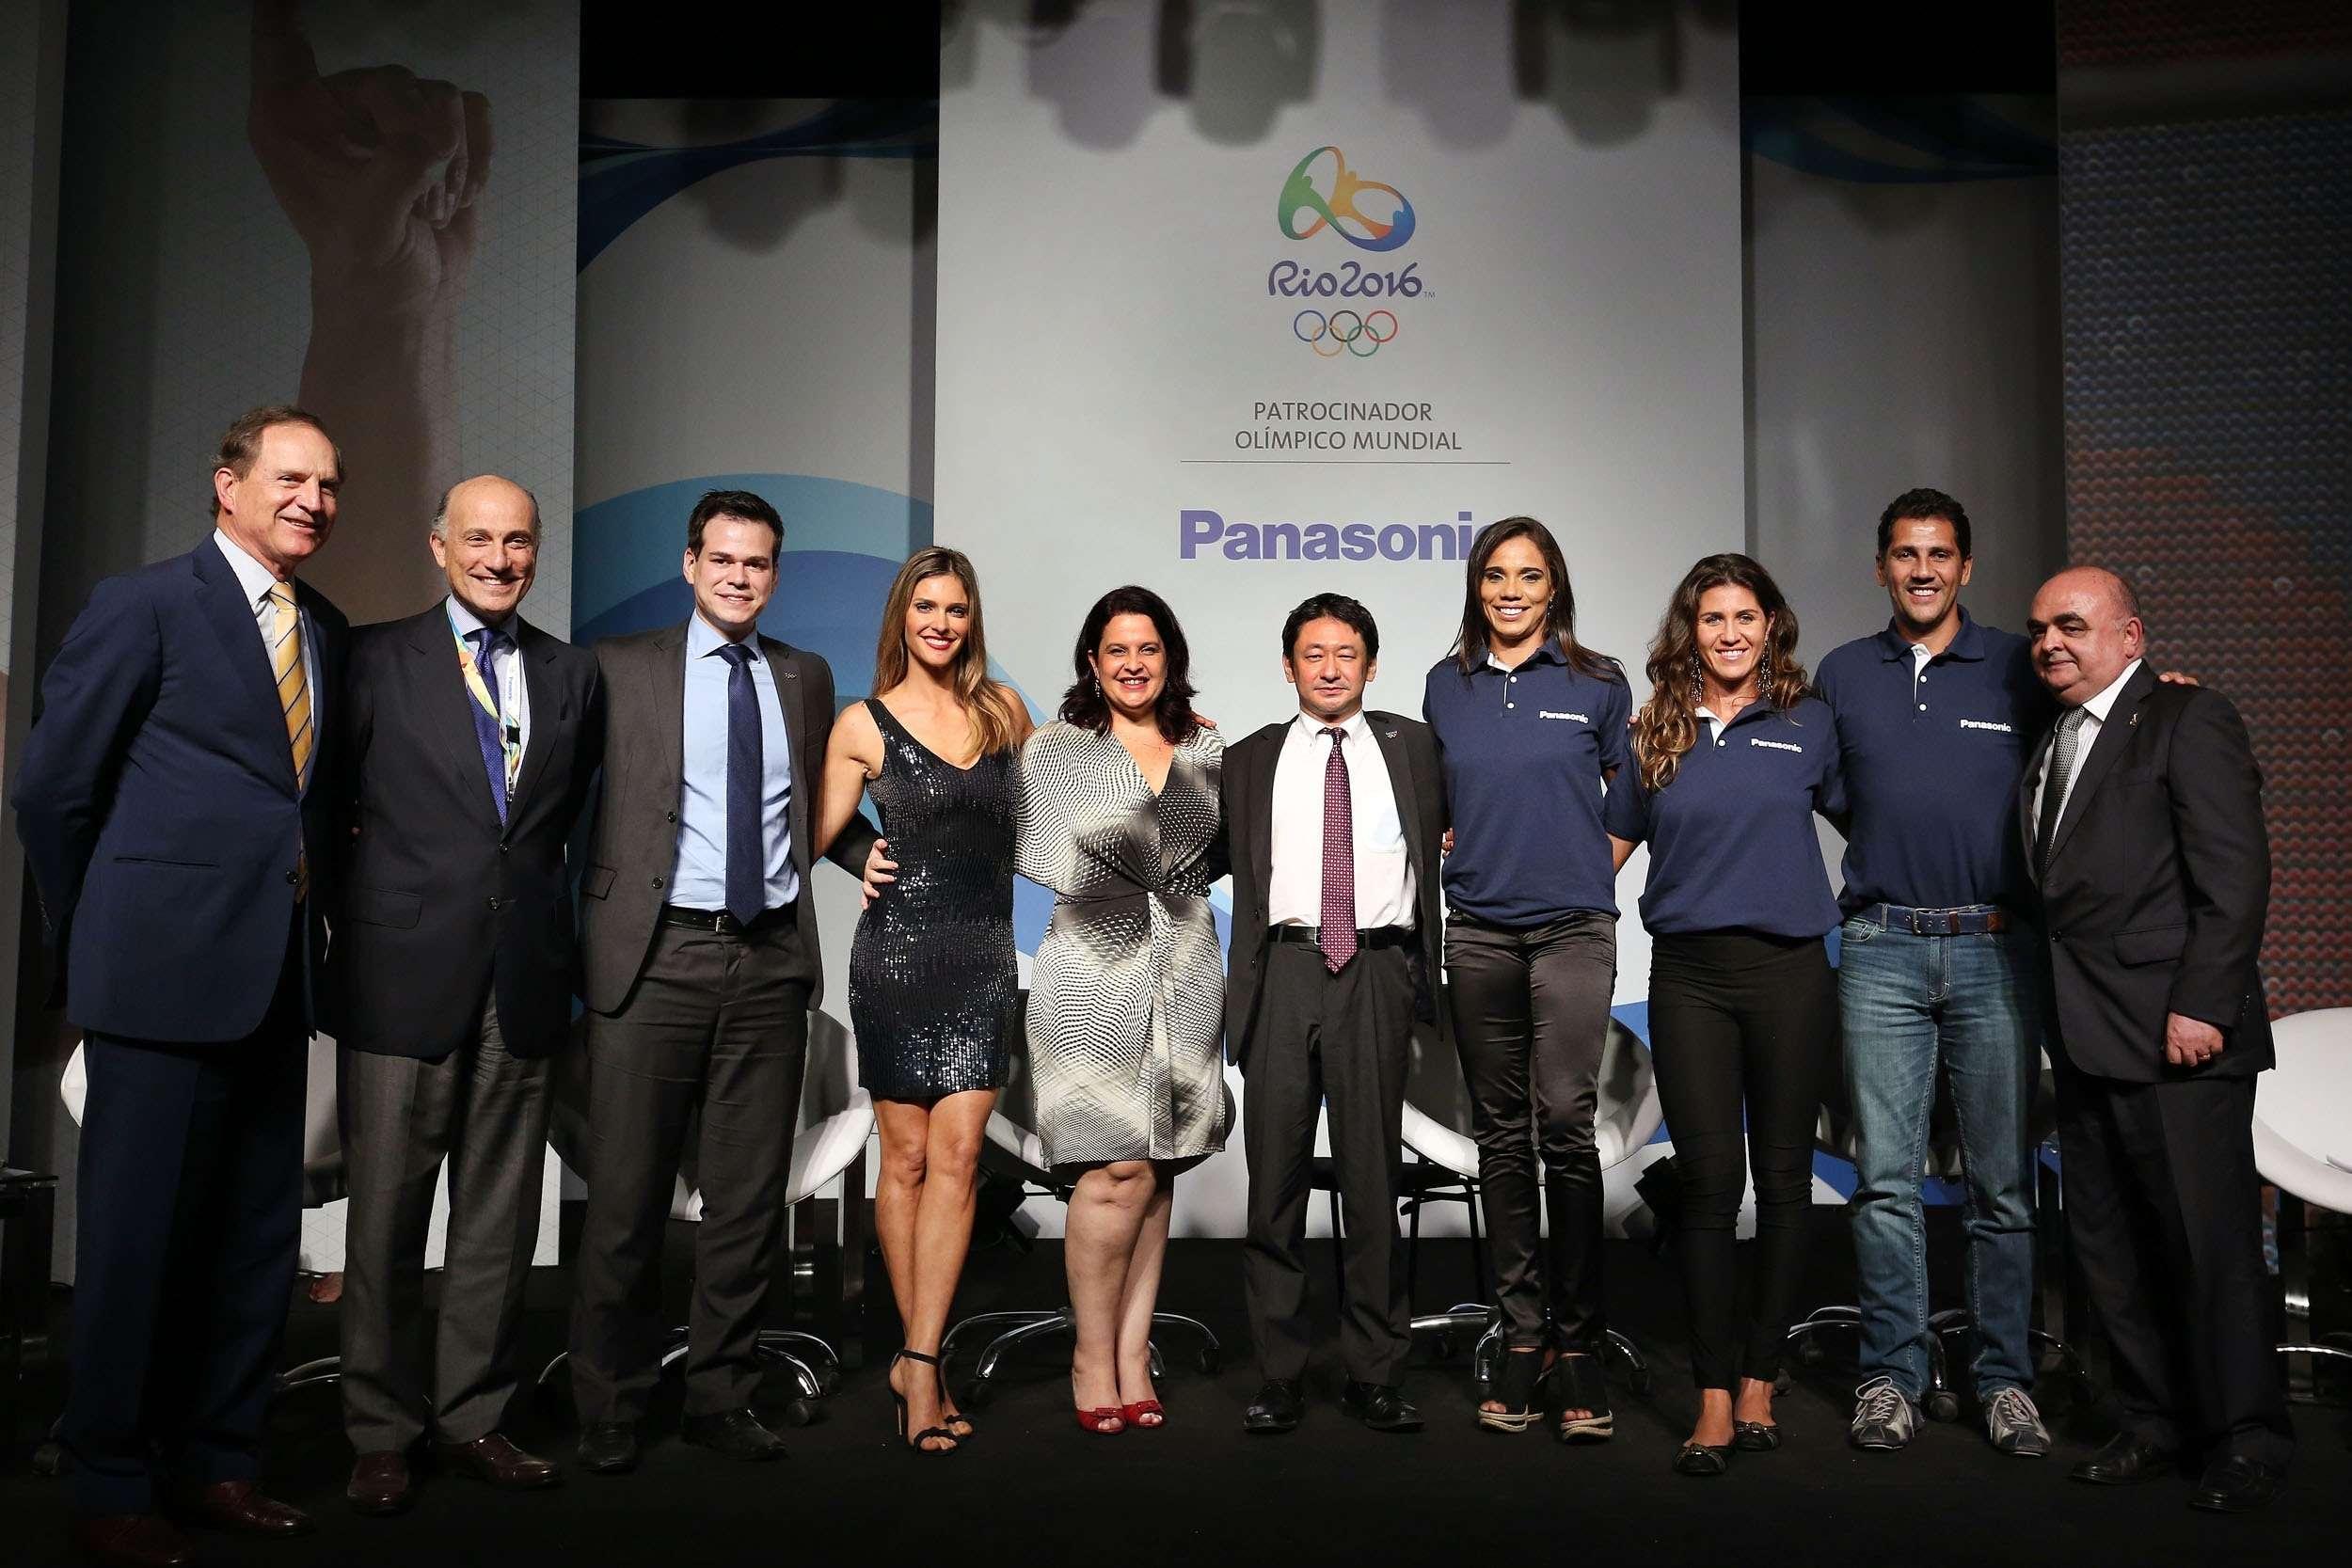 リオオリンピック1年前 パナソニック プレスイベントにて